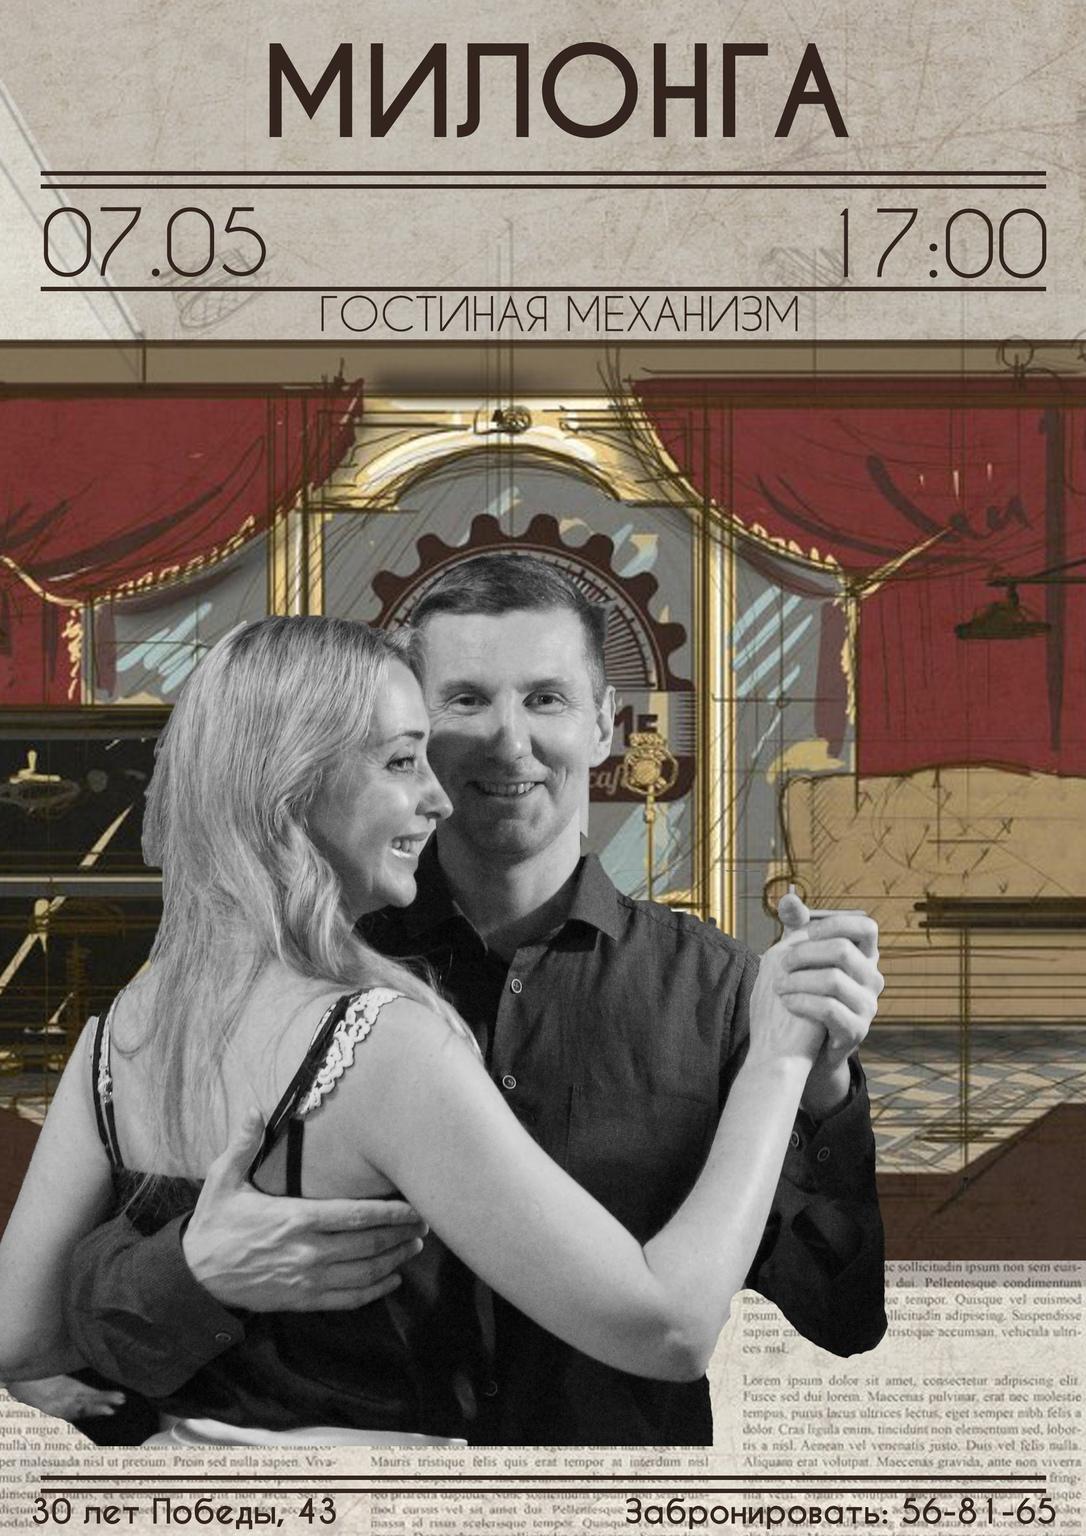 Танцевальный вечер: милонга в «MechanIsMe»